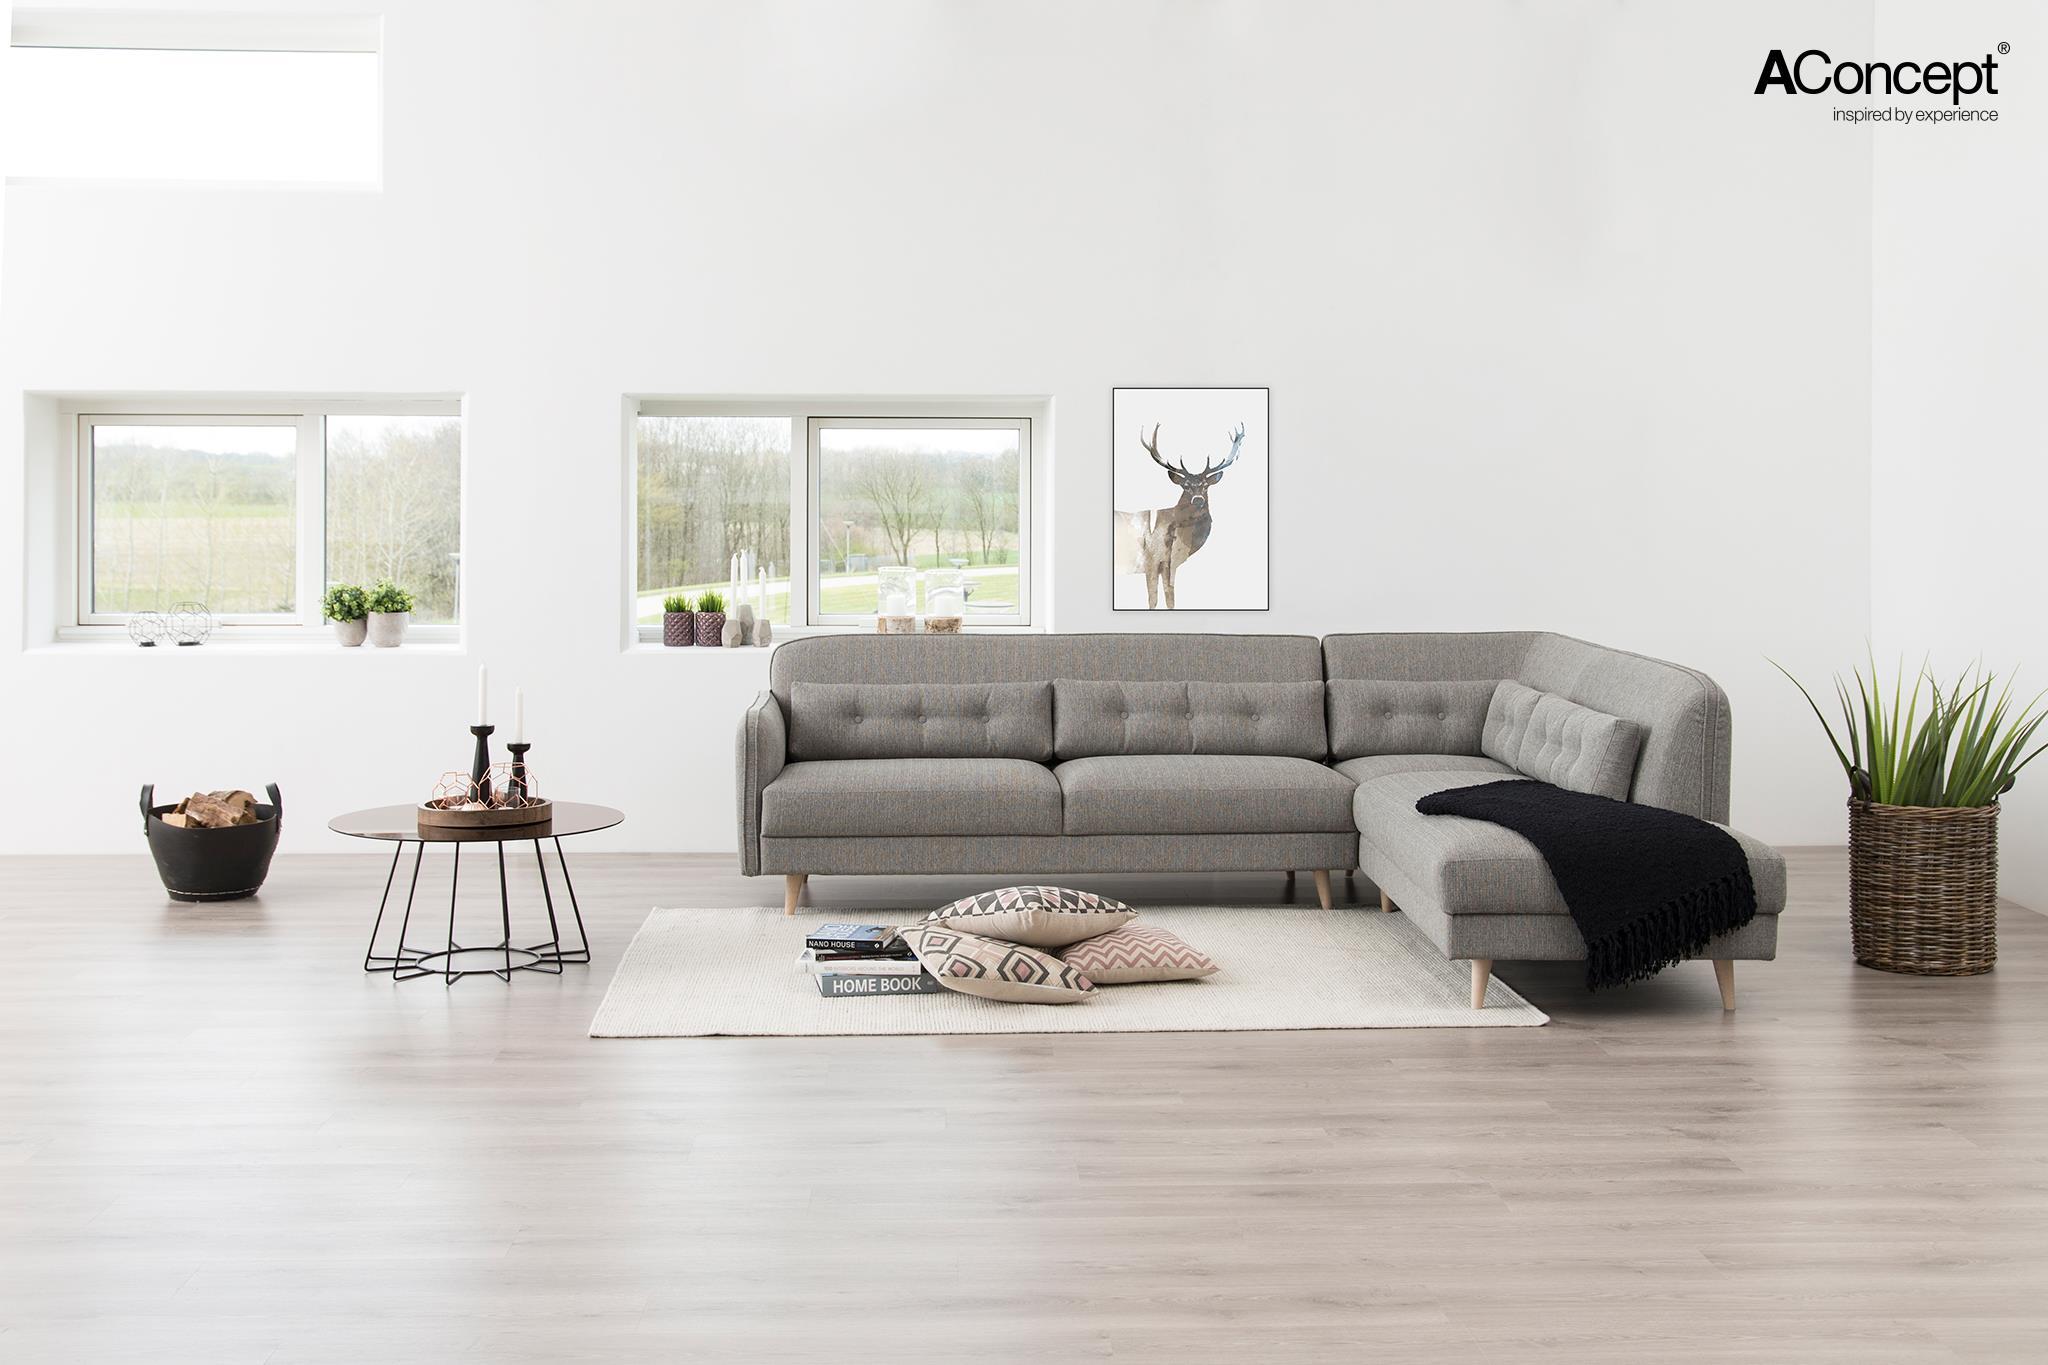 nen mua ghe go hay ghe sofa - Nên Mua Bàn Ghế Gỗ Hay Sofa? Đâu Là Sự Lựa Chọn Tối Ưu Nhất?